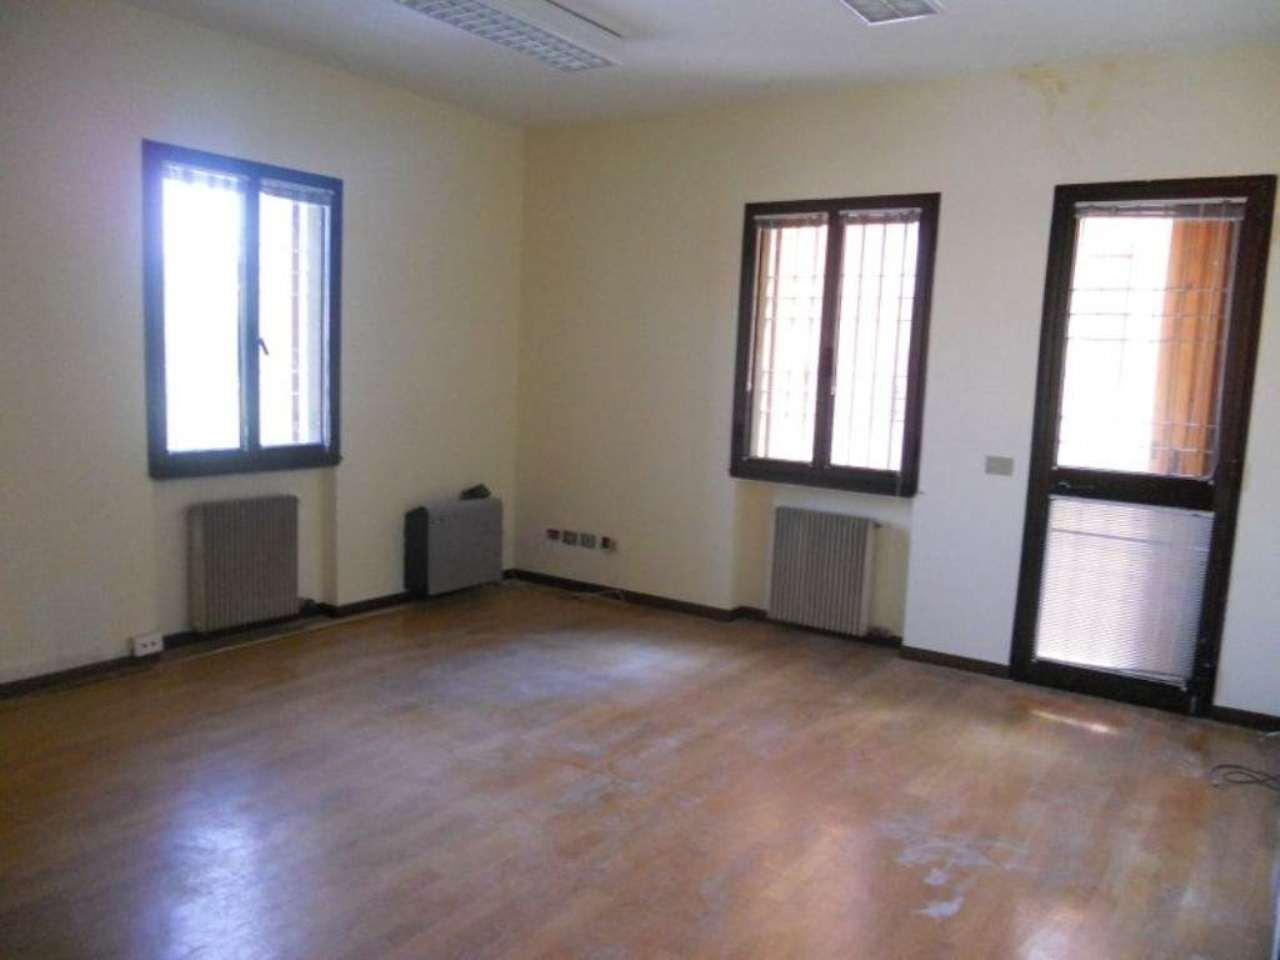 Piastrelle mobili e accessori per la casa kijiji annunci di